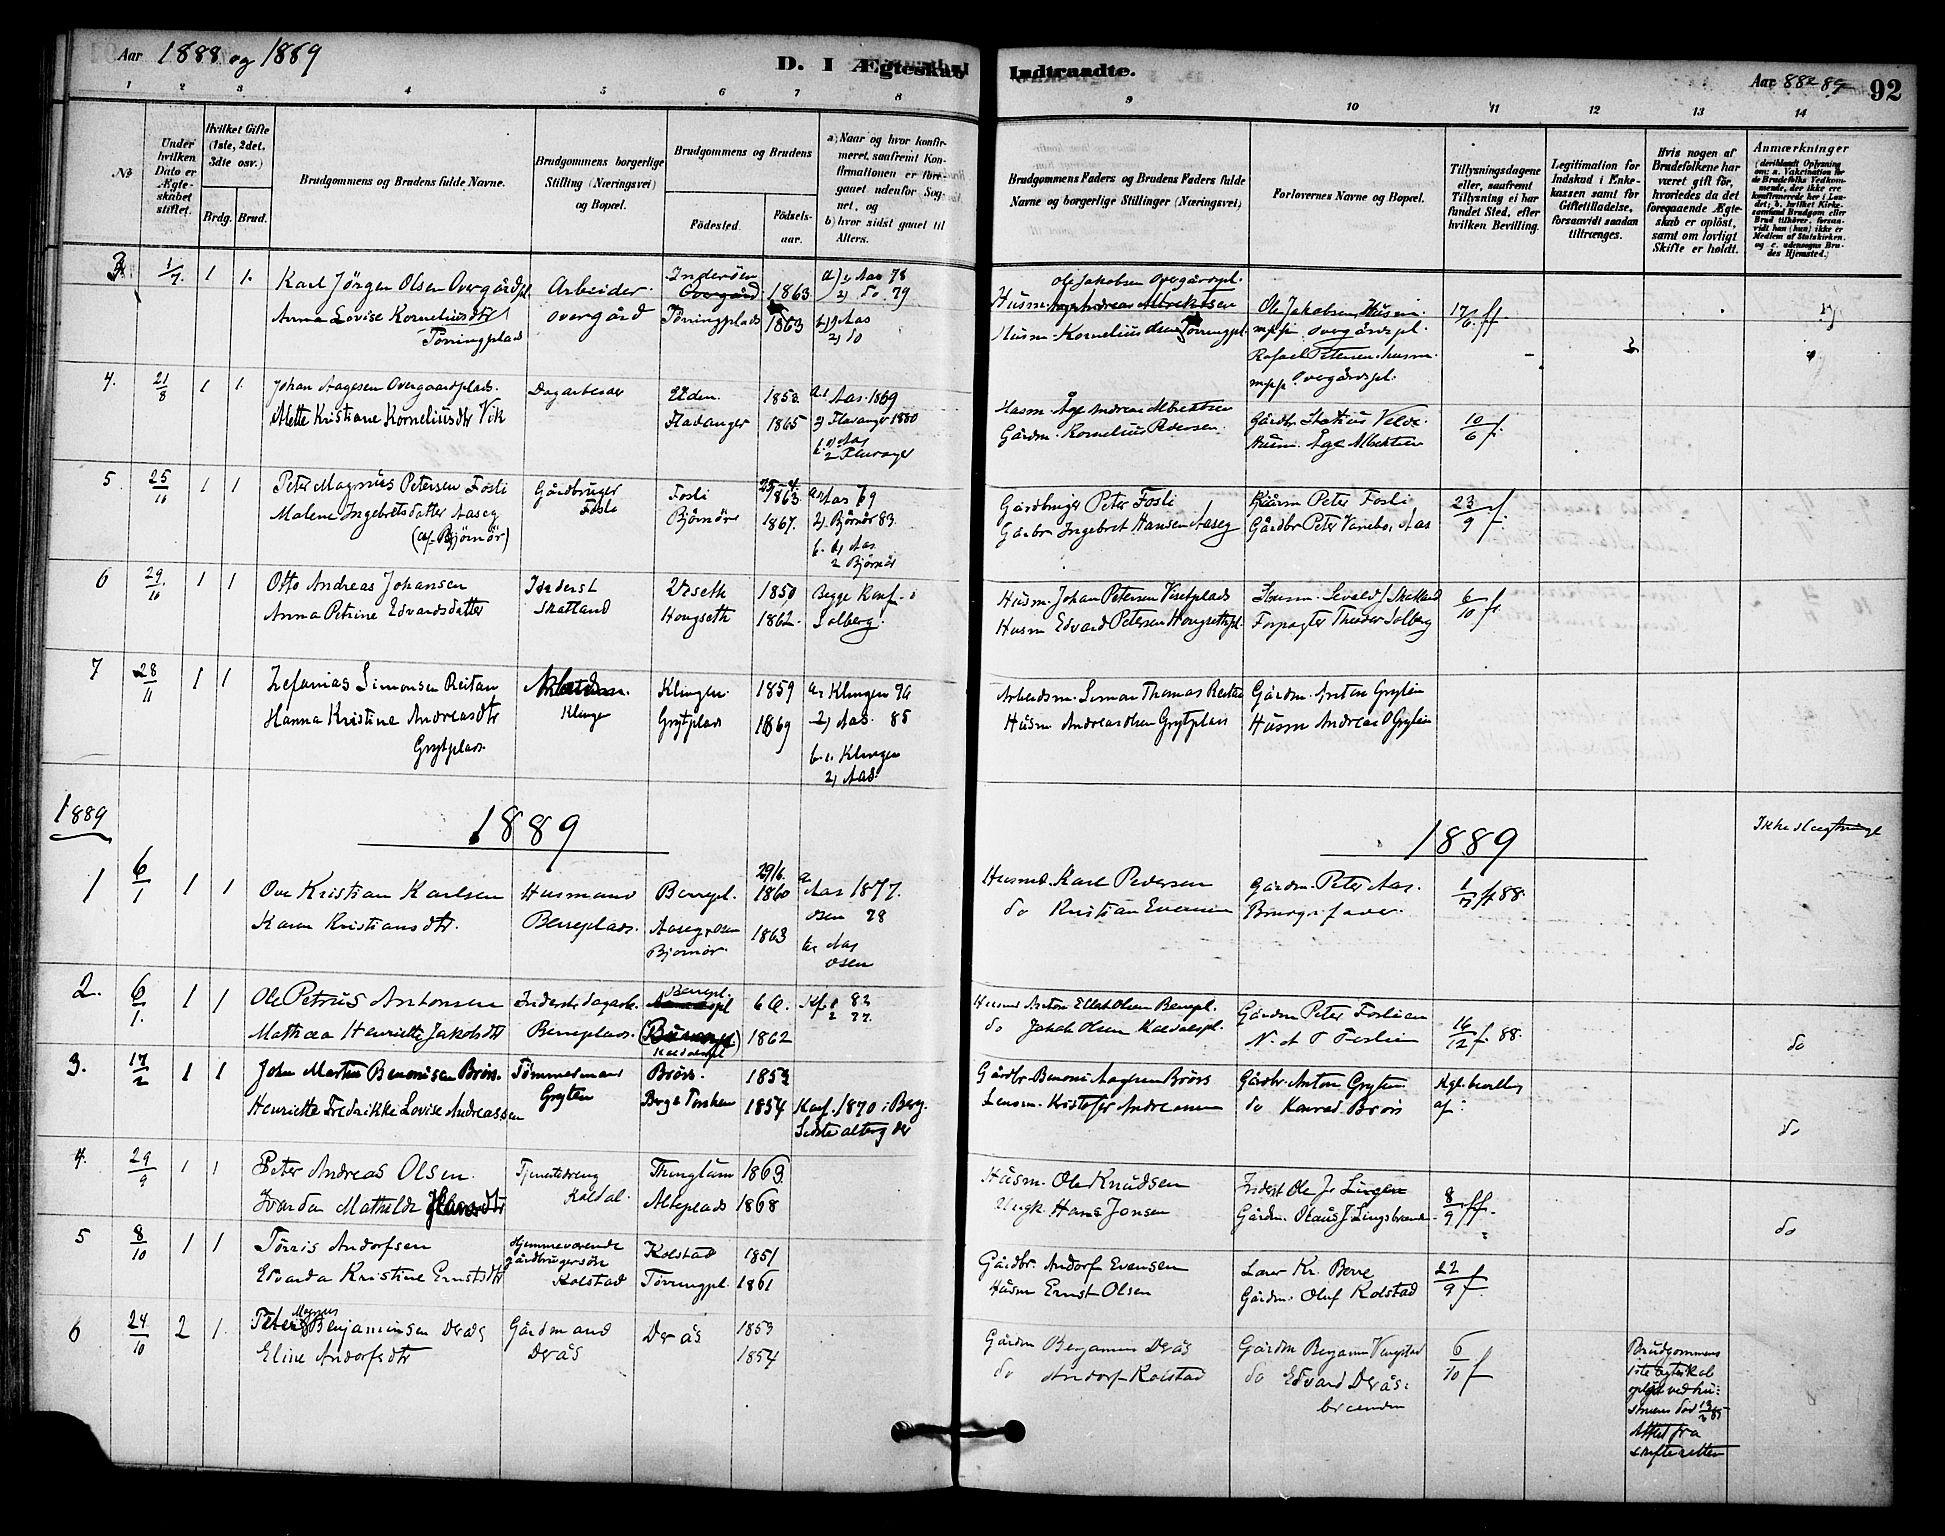 SAT, Ministerialprotokoller, klokkerbøker og fødselsregistre - Nord-Trøndelag, 742/L0408: Ministerialbok nr. 742A01, 1878-1890, s. 92